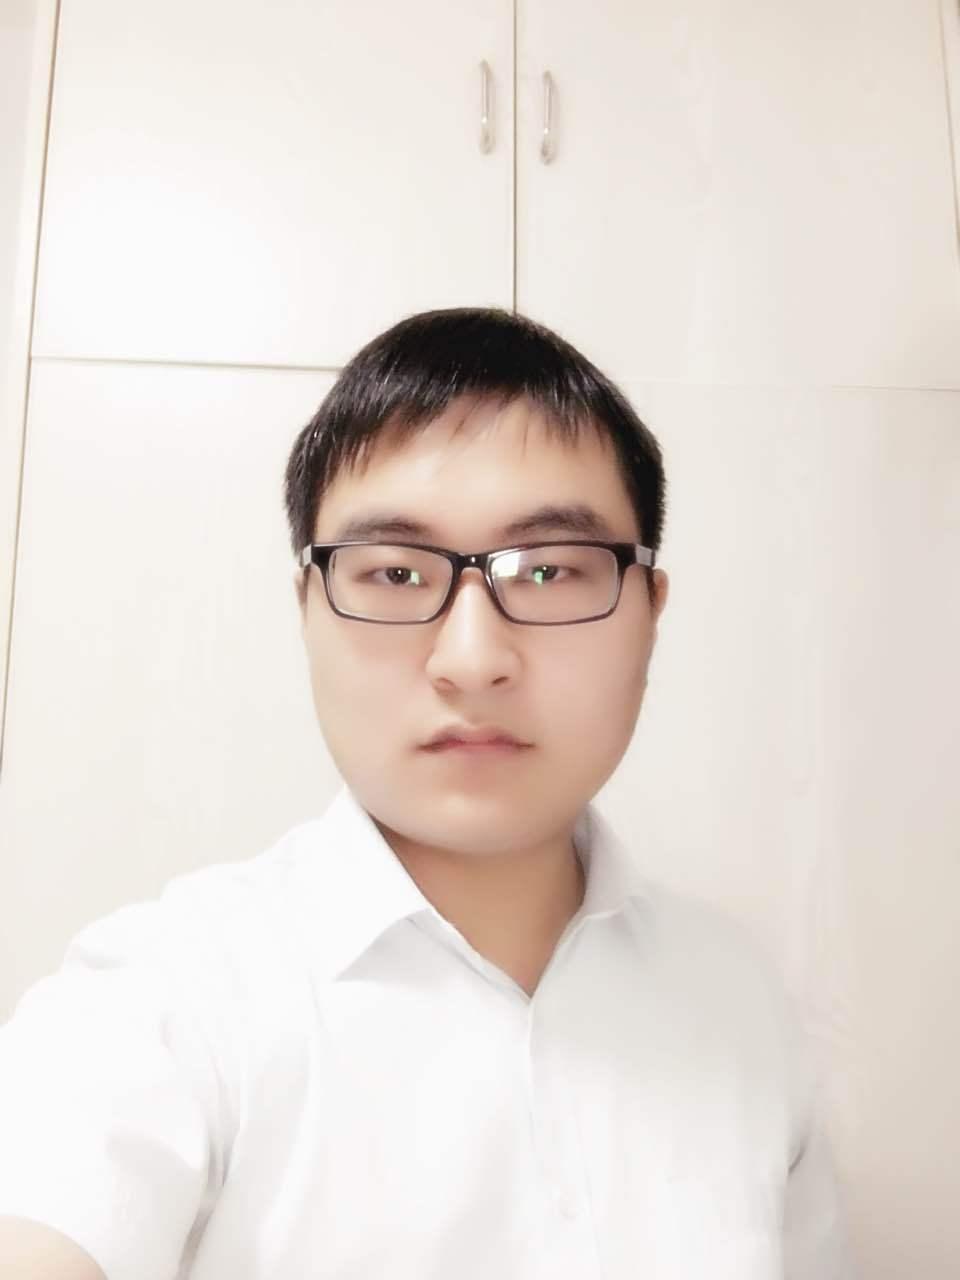 骊驰商学院马老师